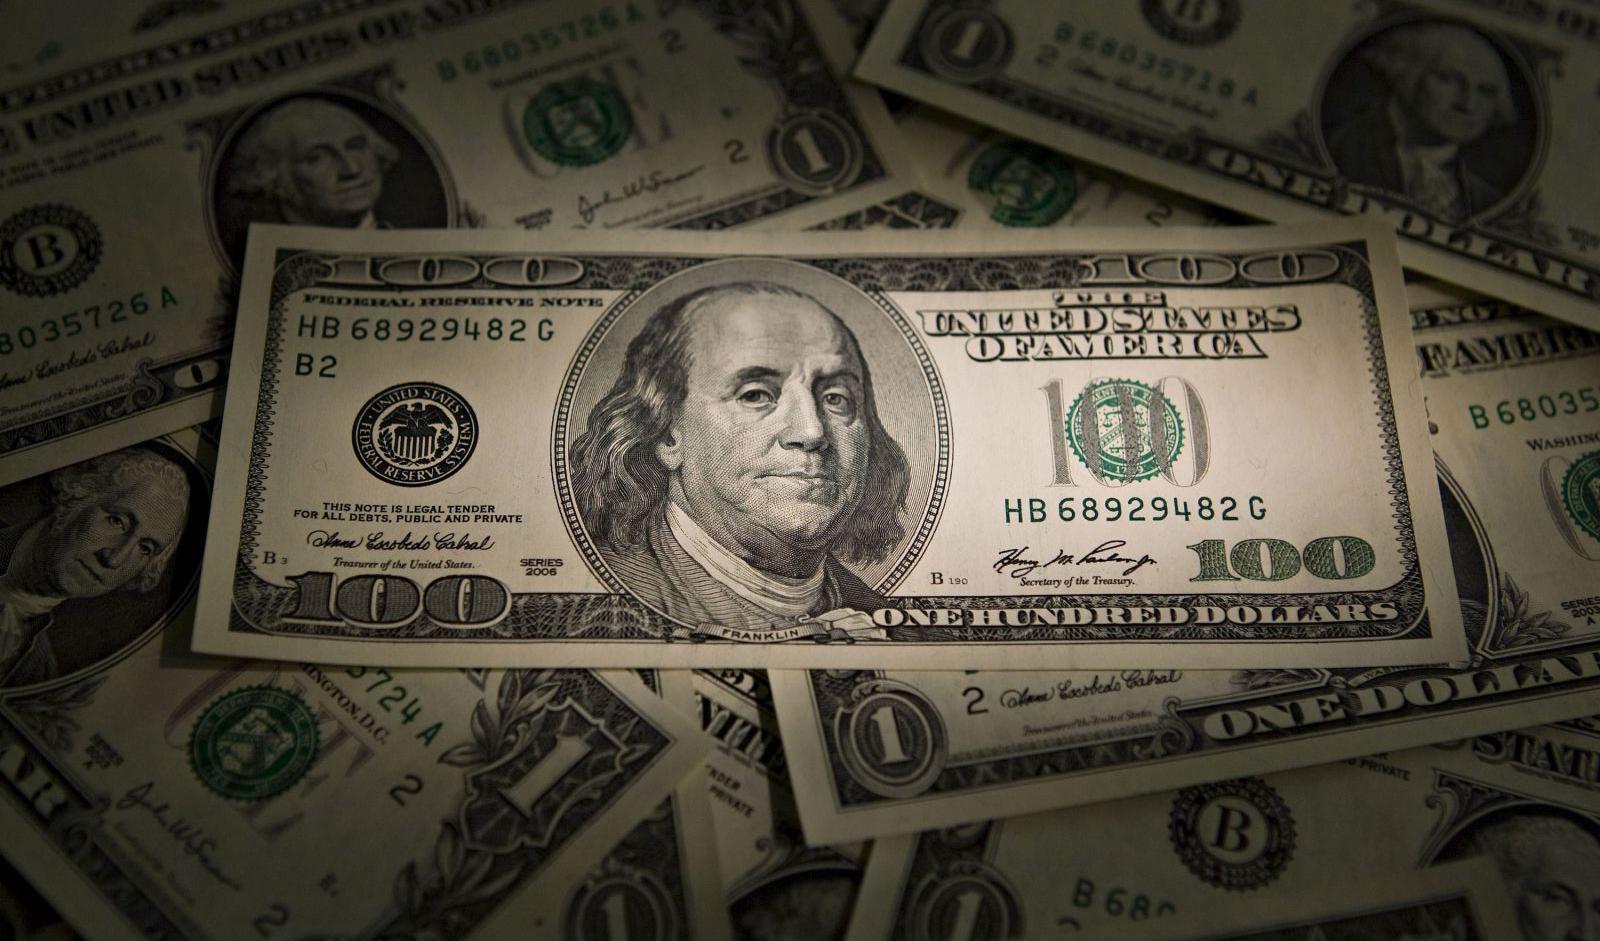 ابعاد جدید بدهی ۱۲ میلیارد دلاری دولت به صندوق توسعهملی